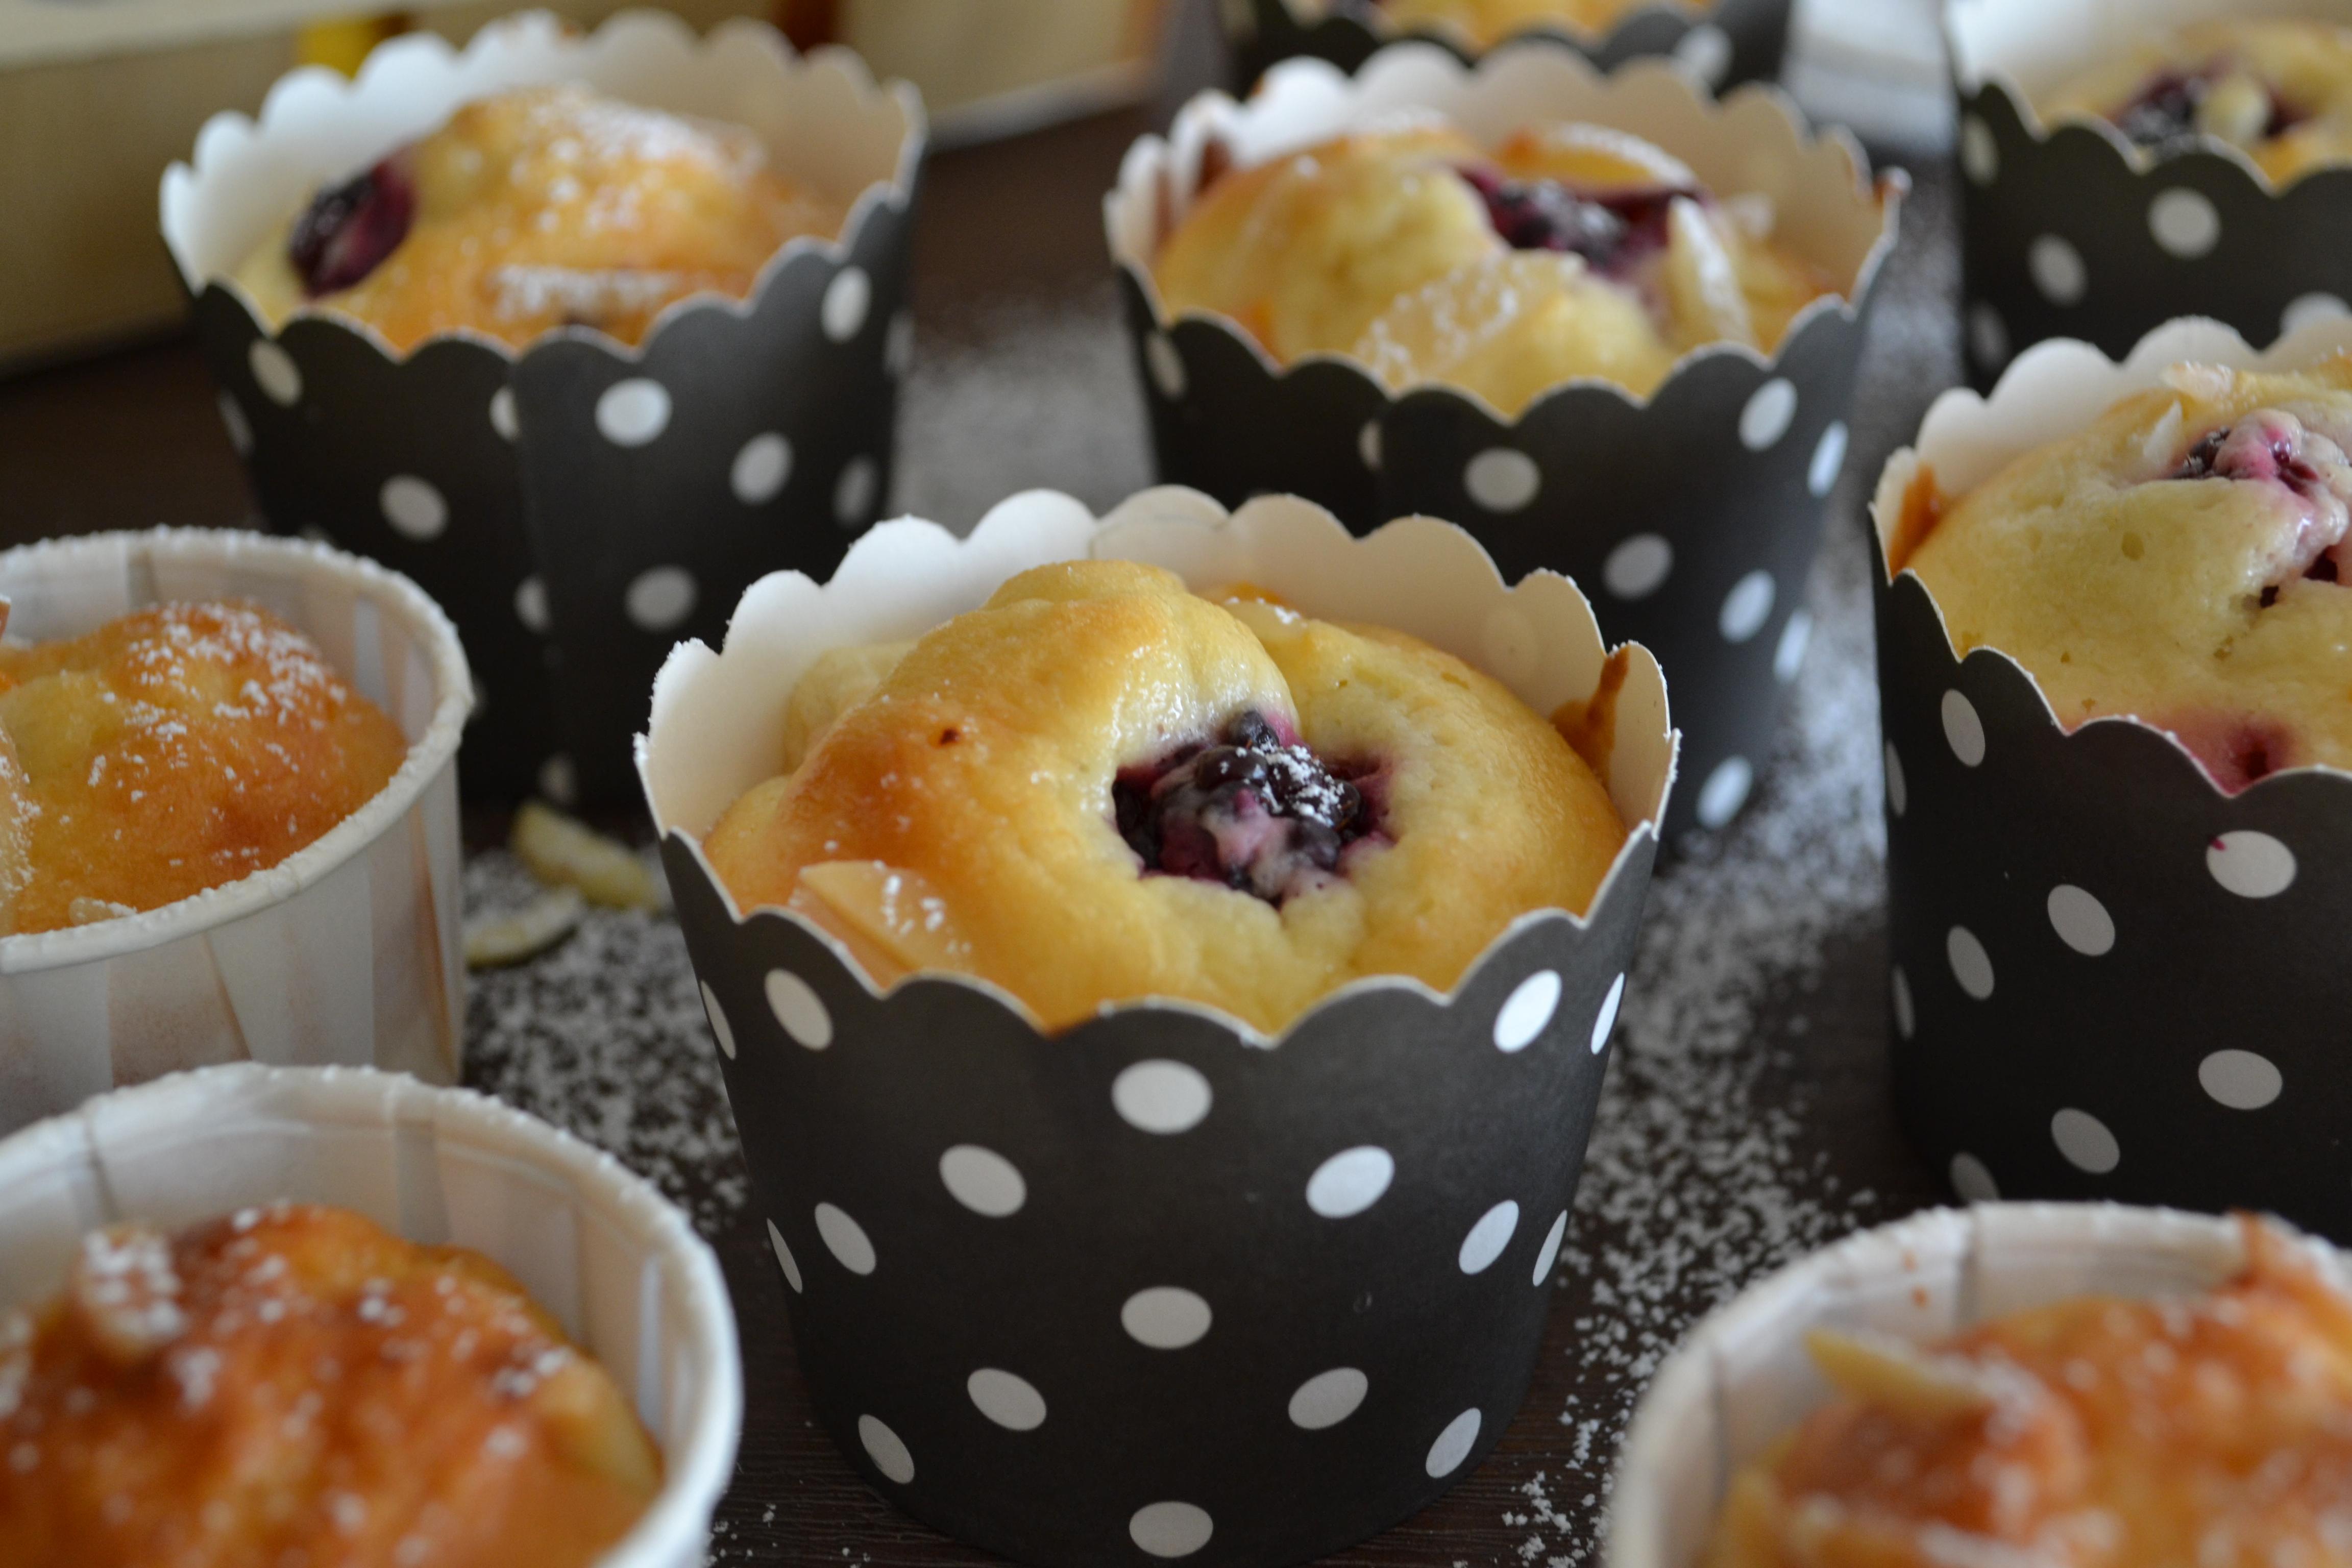 Rezept schnelle muffins beliebte gerichte und rezepte for Gute schnelle gerichte